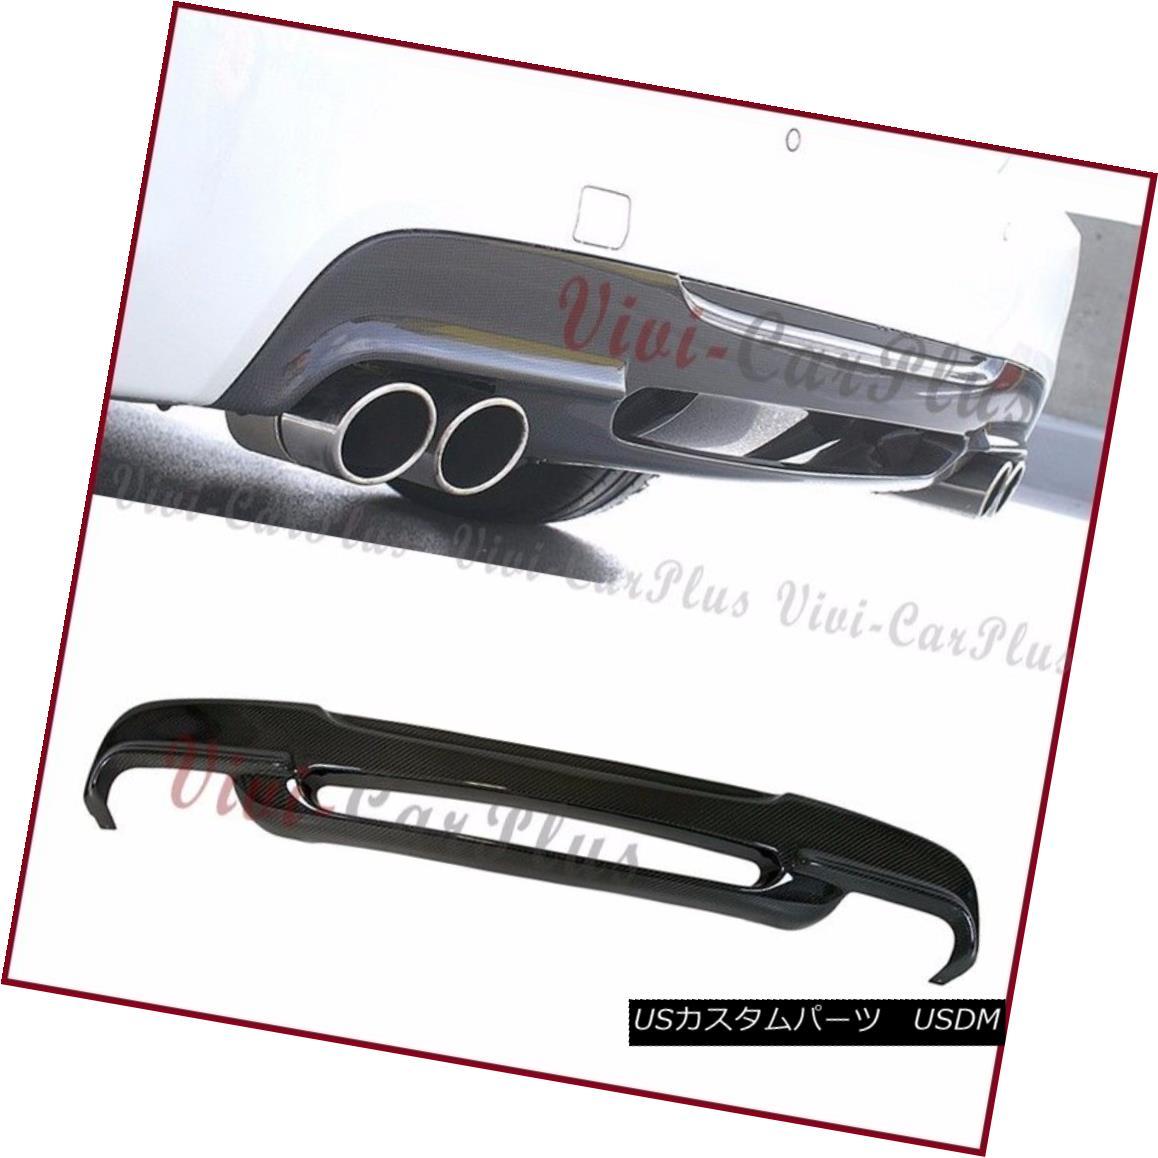 エアロパーツ For BMW 06-11 E90 E91 328i 335i M Tech Bumper Carbon Fiber 3D Look Rear Diffuser BMW 06-11 E90 E91 328i 335i Mテックバンパーカーボンファイバー3Dリアディフューザー